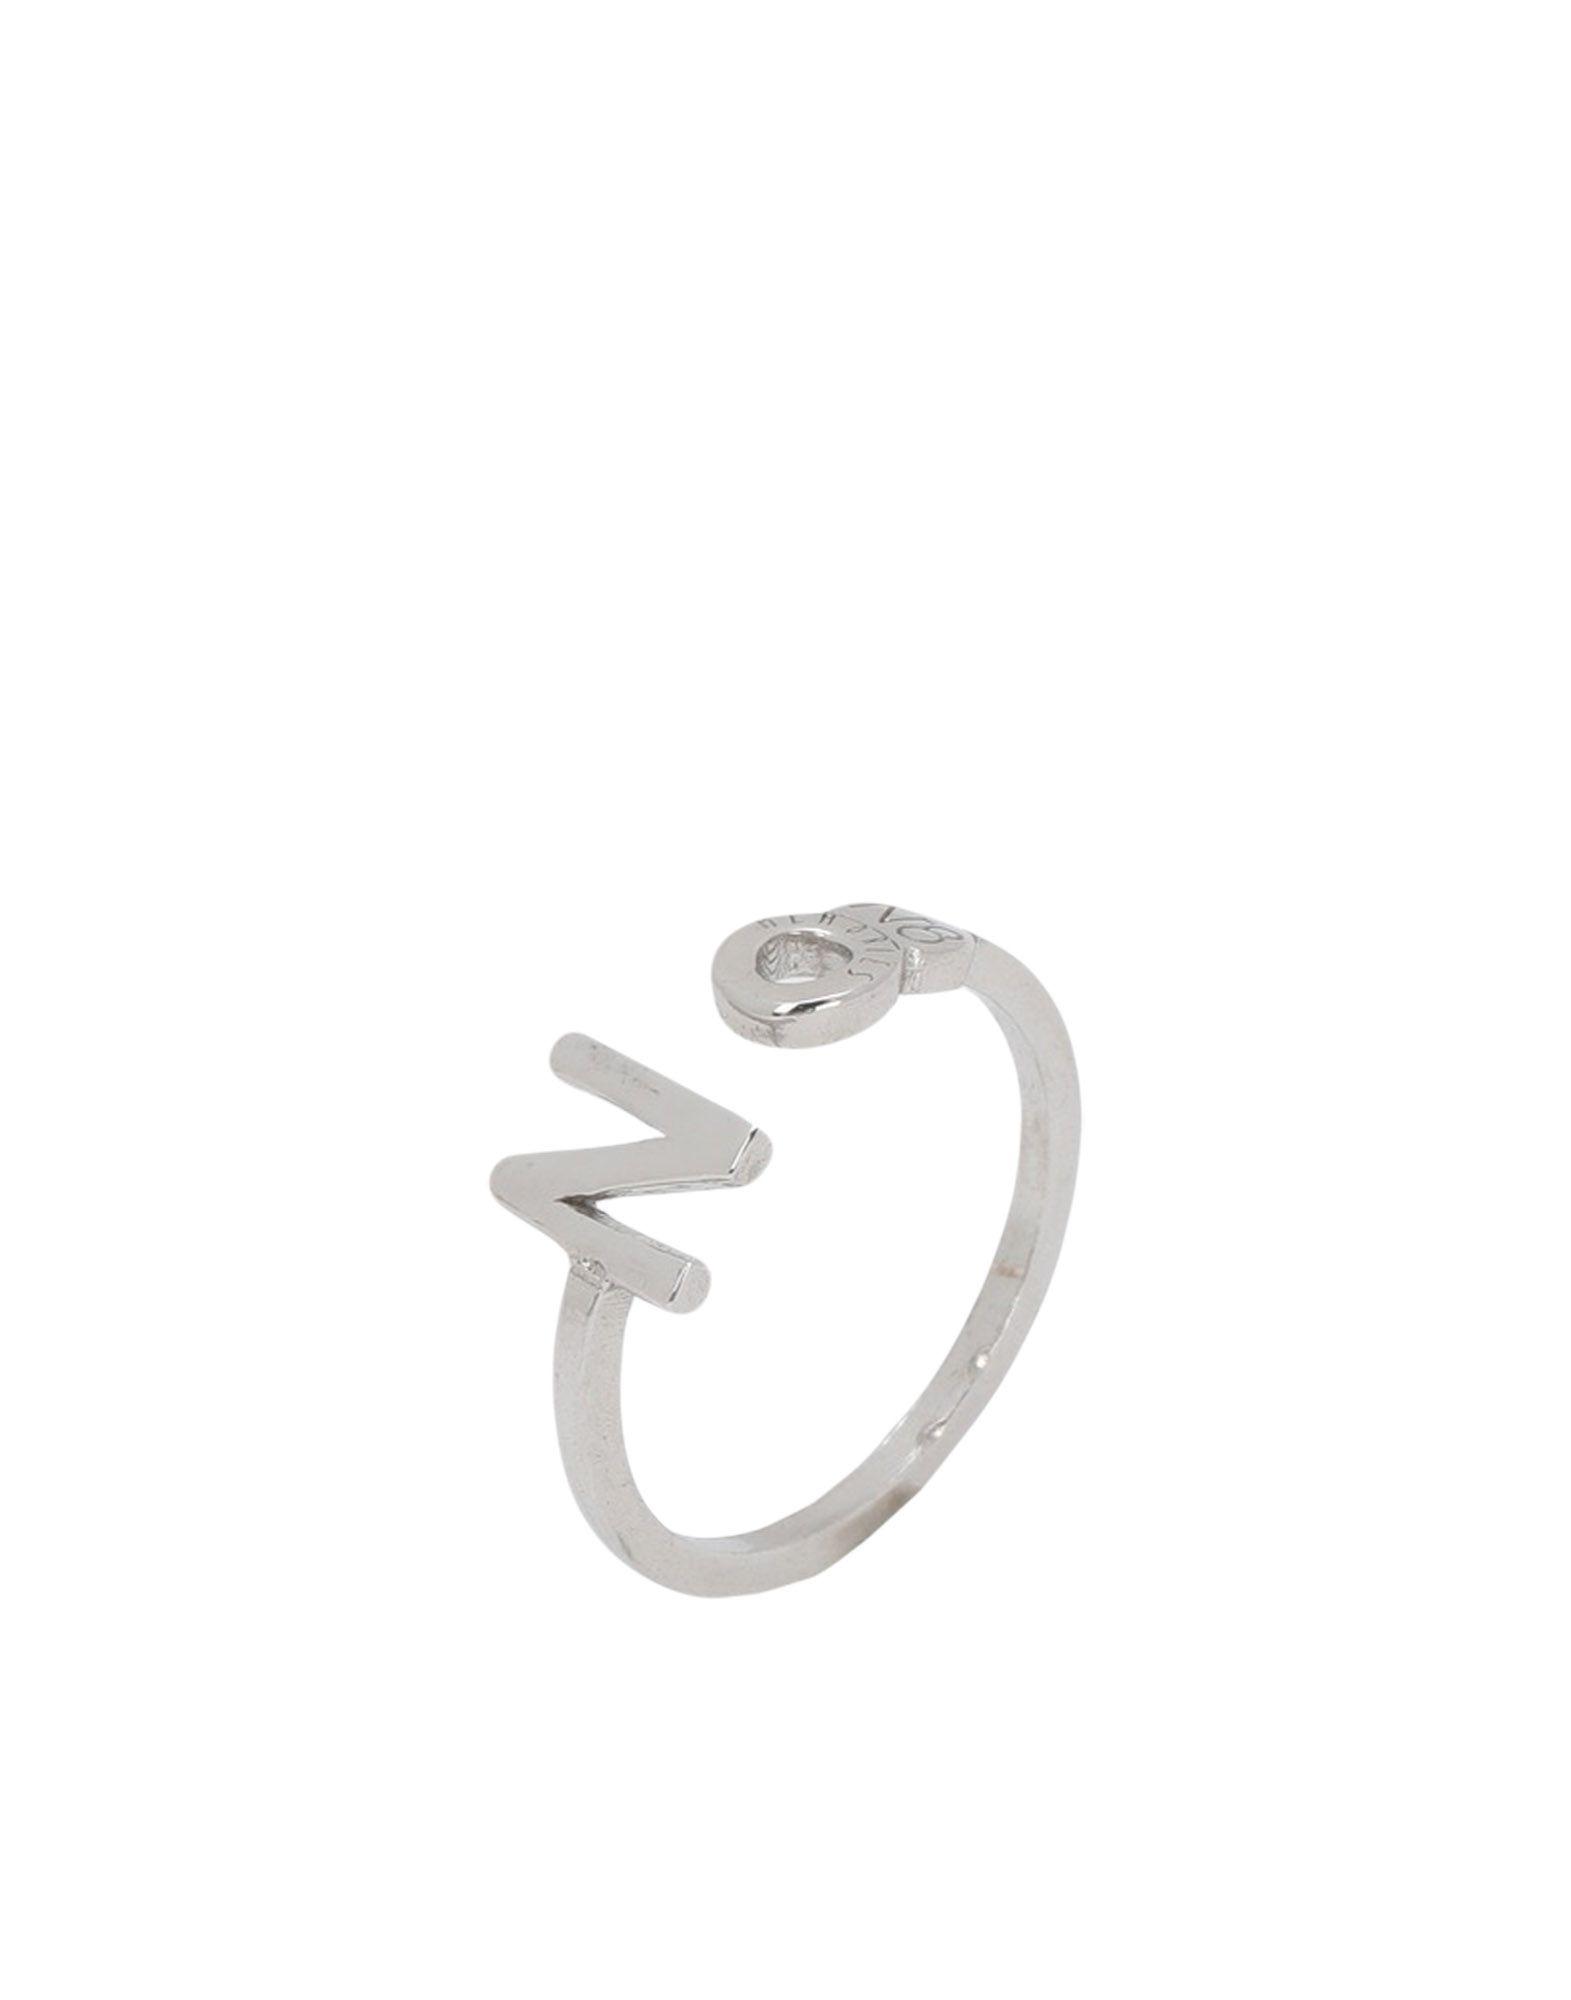 《セール開催中》FIRST PEOPLE FIRST レディース 指輪 シルバー one size シルバー925/1000 RING-LETTERING-STICK